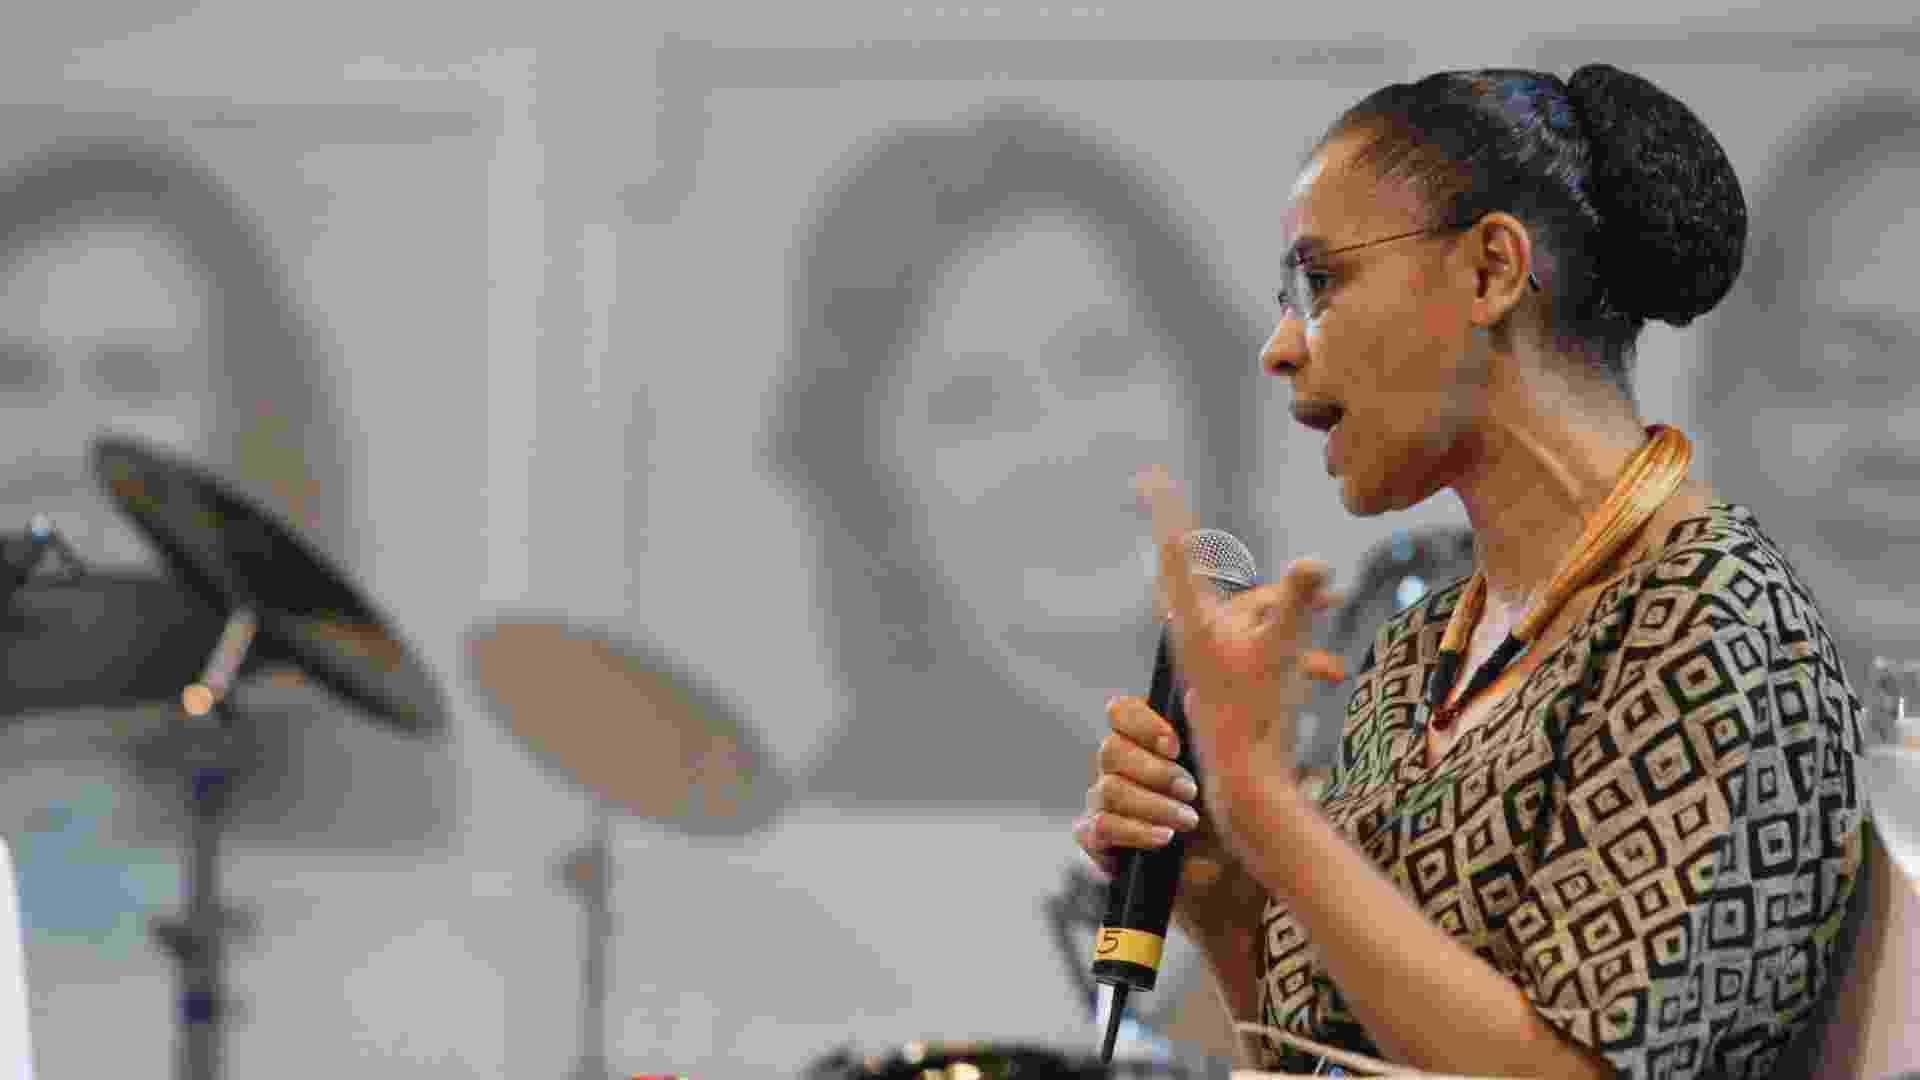 27.ago.2012 - A ex-senadora e ex-ministra do Meio Ambiente, Marina Silva, participa do 3º Fórum Nacional da Mulher Contabilista, durante o 19º Congresso Brasileiro de Contabilidade, no Hangar, Centro de Convenções e Feiras da Amazônia, em Belém, capital do Pará - Tarso Sarraf/AE